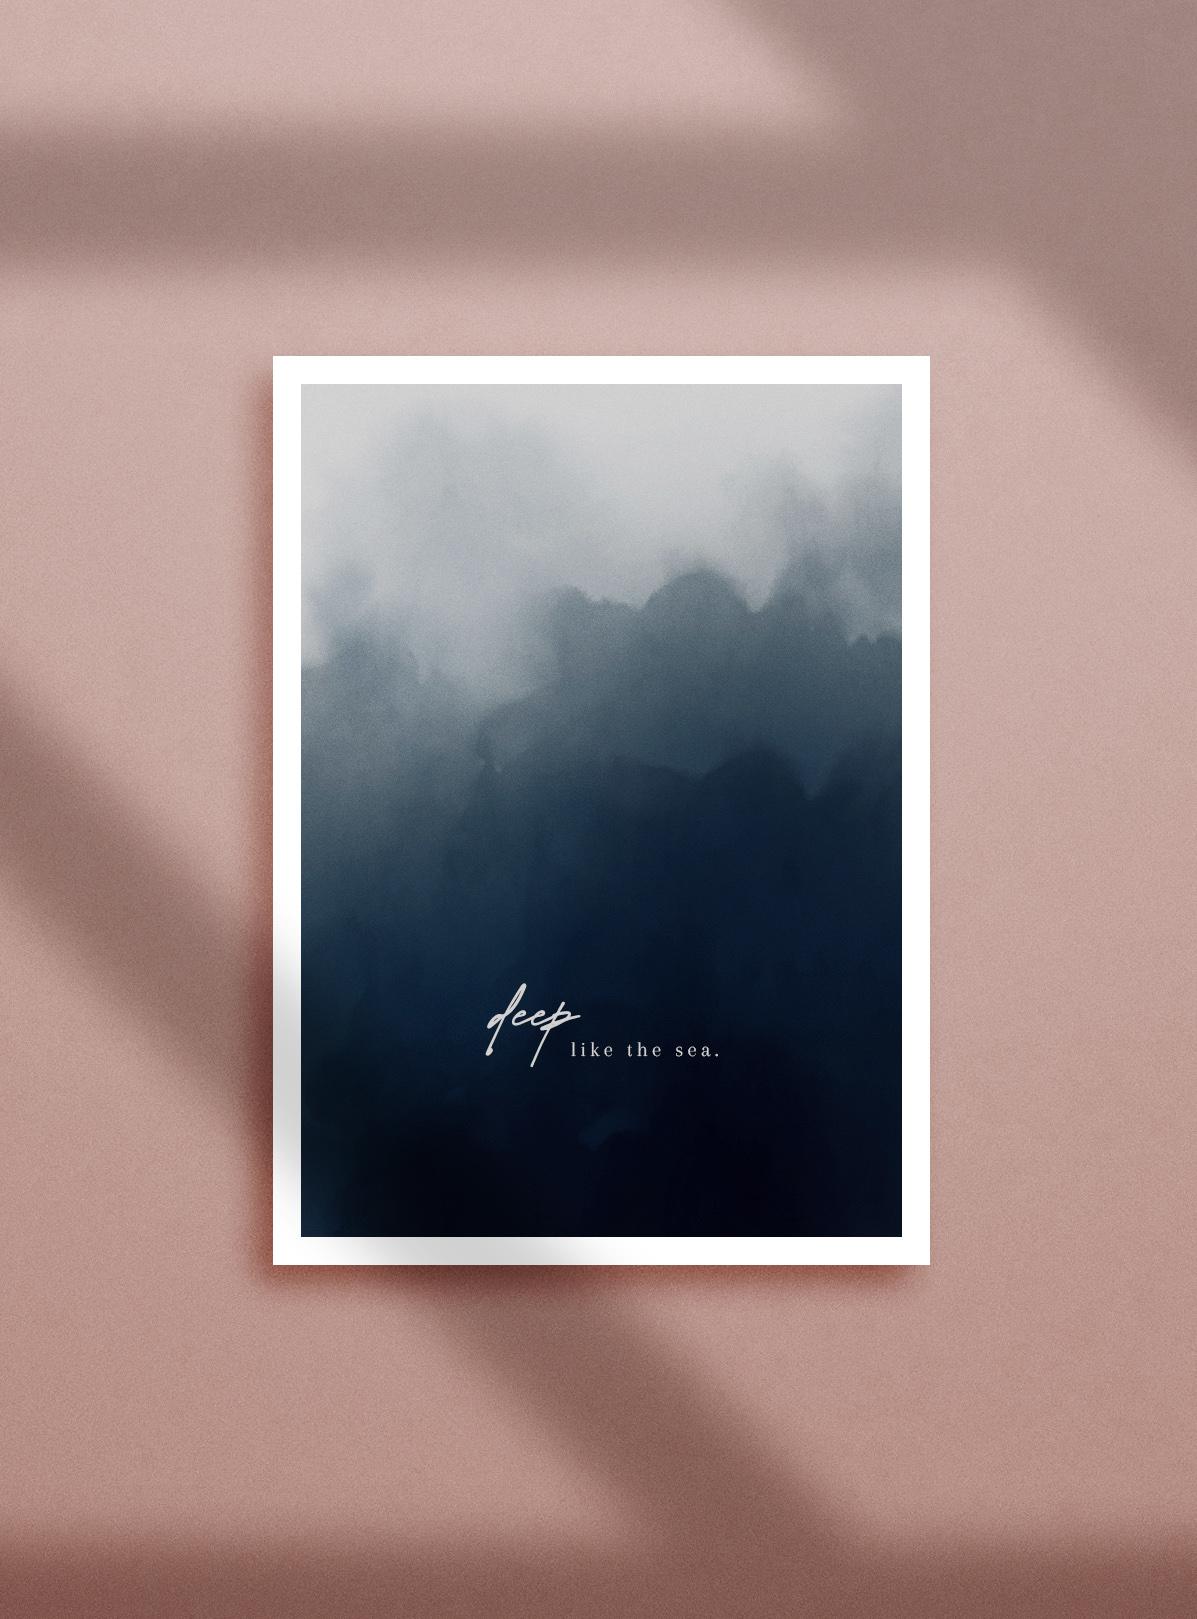 aquarell abstrakt poster zitat